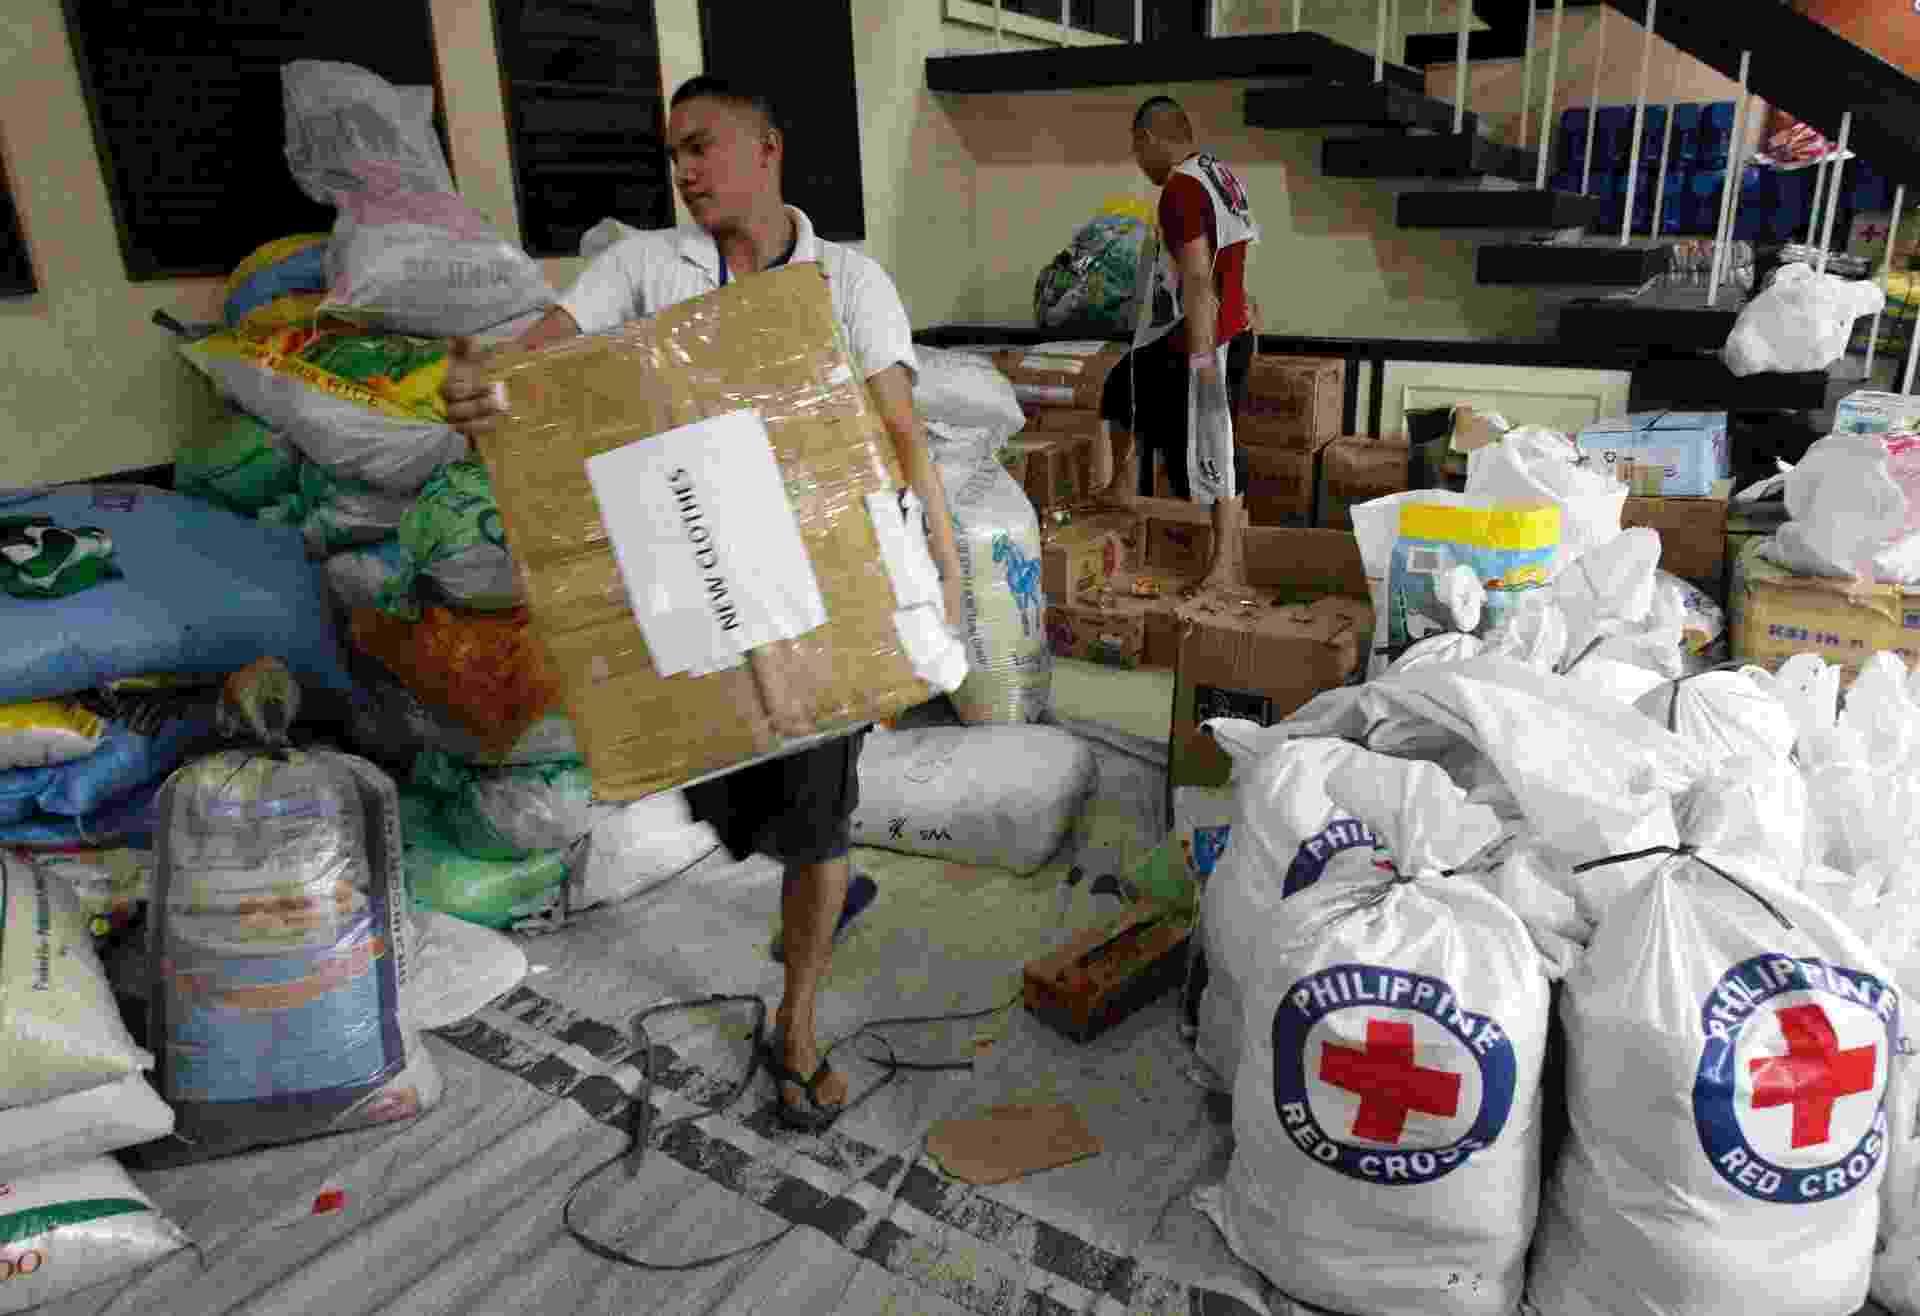 28.nov.2013 - Voluntário carrega donativos que serão transportados para regiões afetadas pelo tufão Haiyan, nas Filipinas, dentro de centro de distribuição da Cruz Vermelha - Romeo Ranoco/Reuters